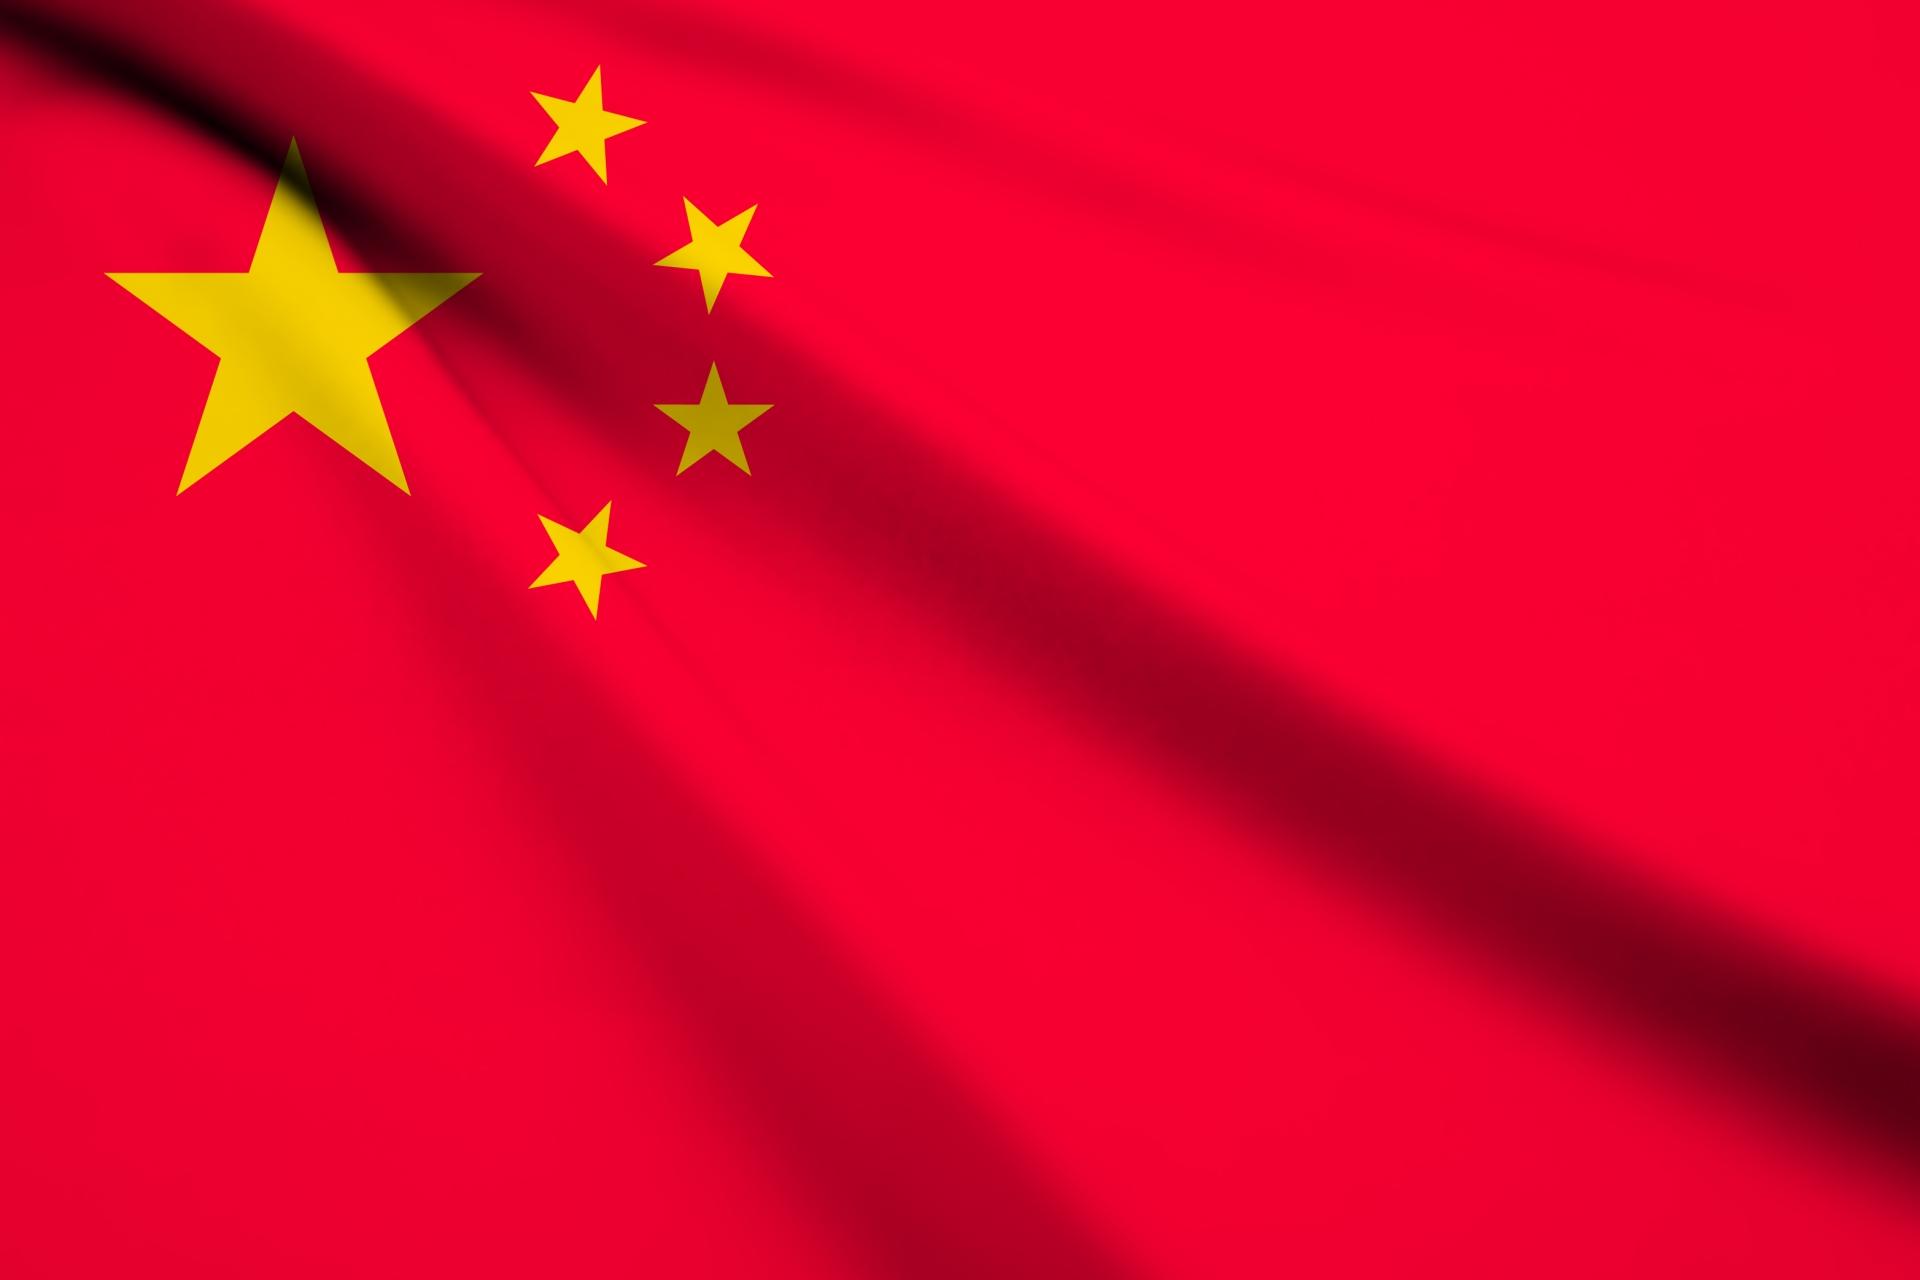 ビジネスと生活にいかす 基礎からしっかり中国語会話入門